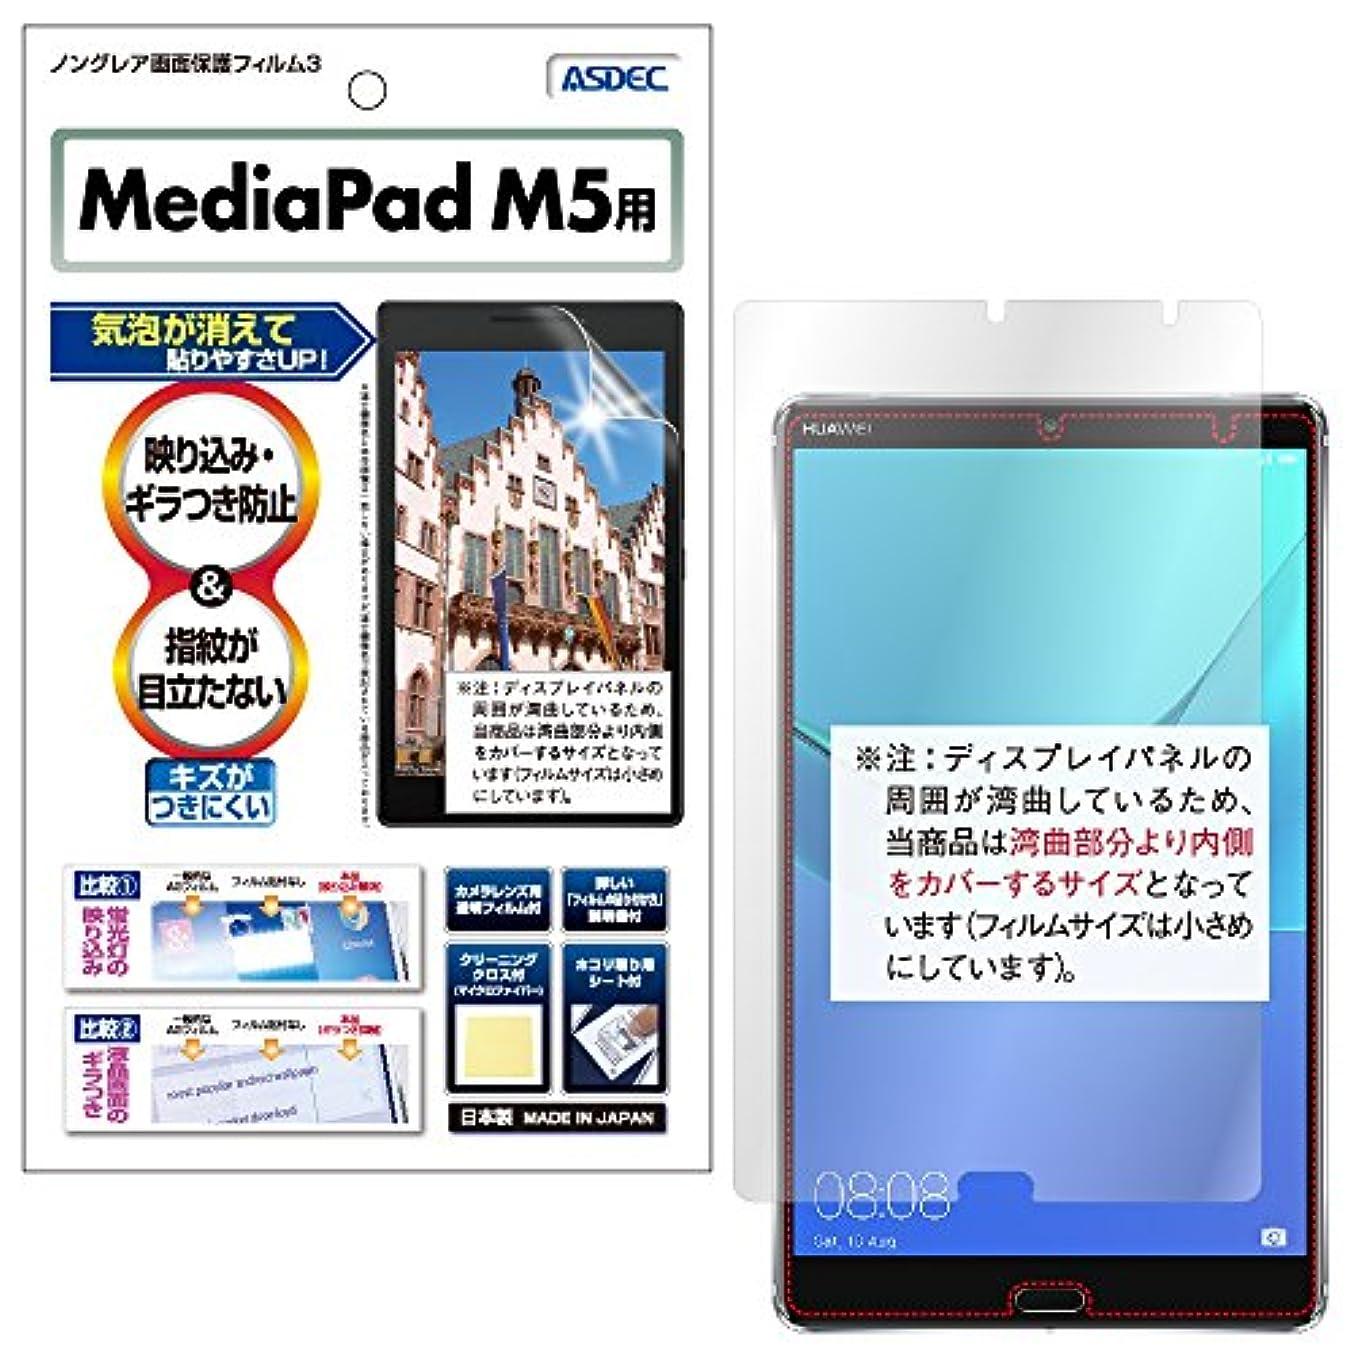 優先しがみつくコテージASDEC アスデック HUAWEI MediaPad M5 タブレット 8.4インチ フィルム ノングレアフィルム3?防指紋 指紋防止?気泡消失?映り込み防止 反射防止?キズ防止?アンチグレア?日本製 NGB-HWPM5 (M5 8, マットフィルム)